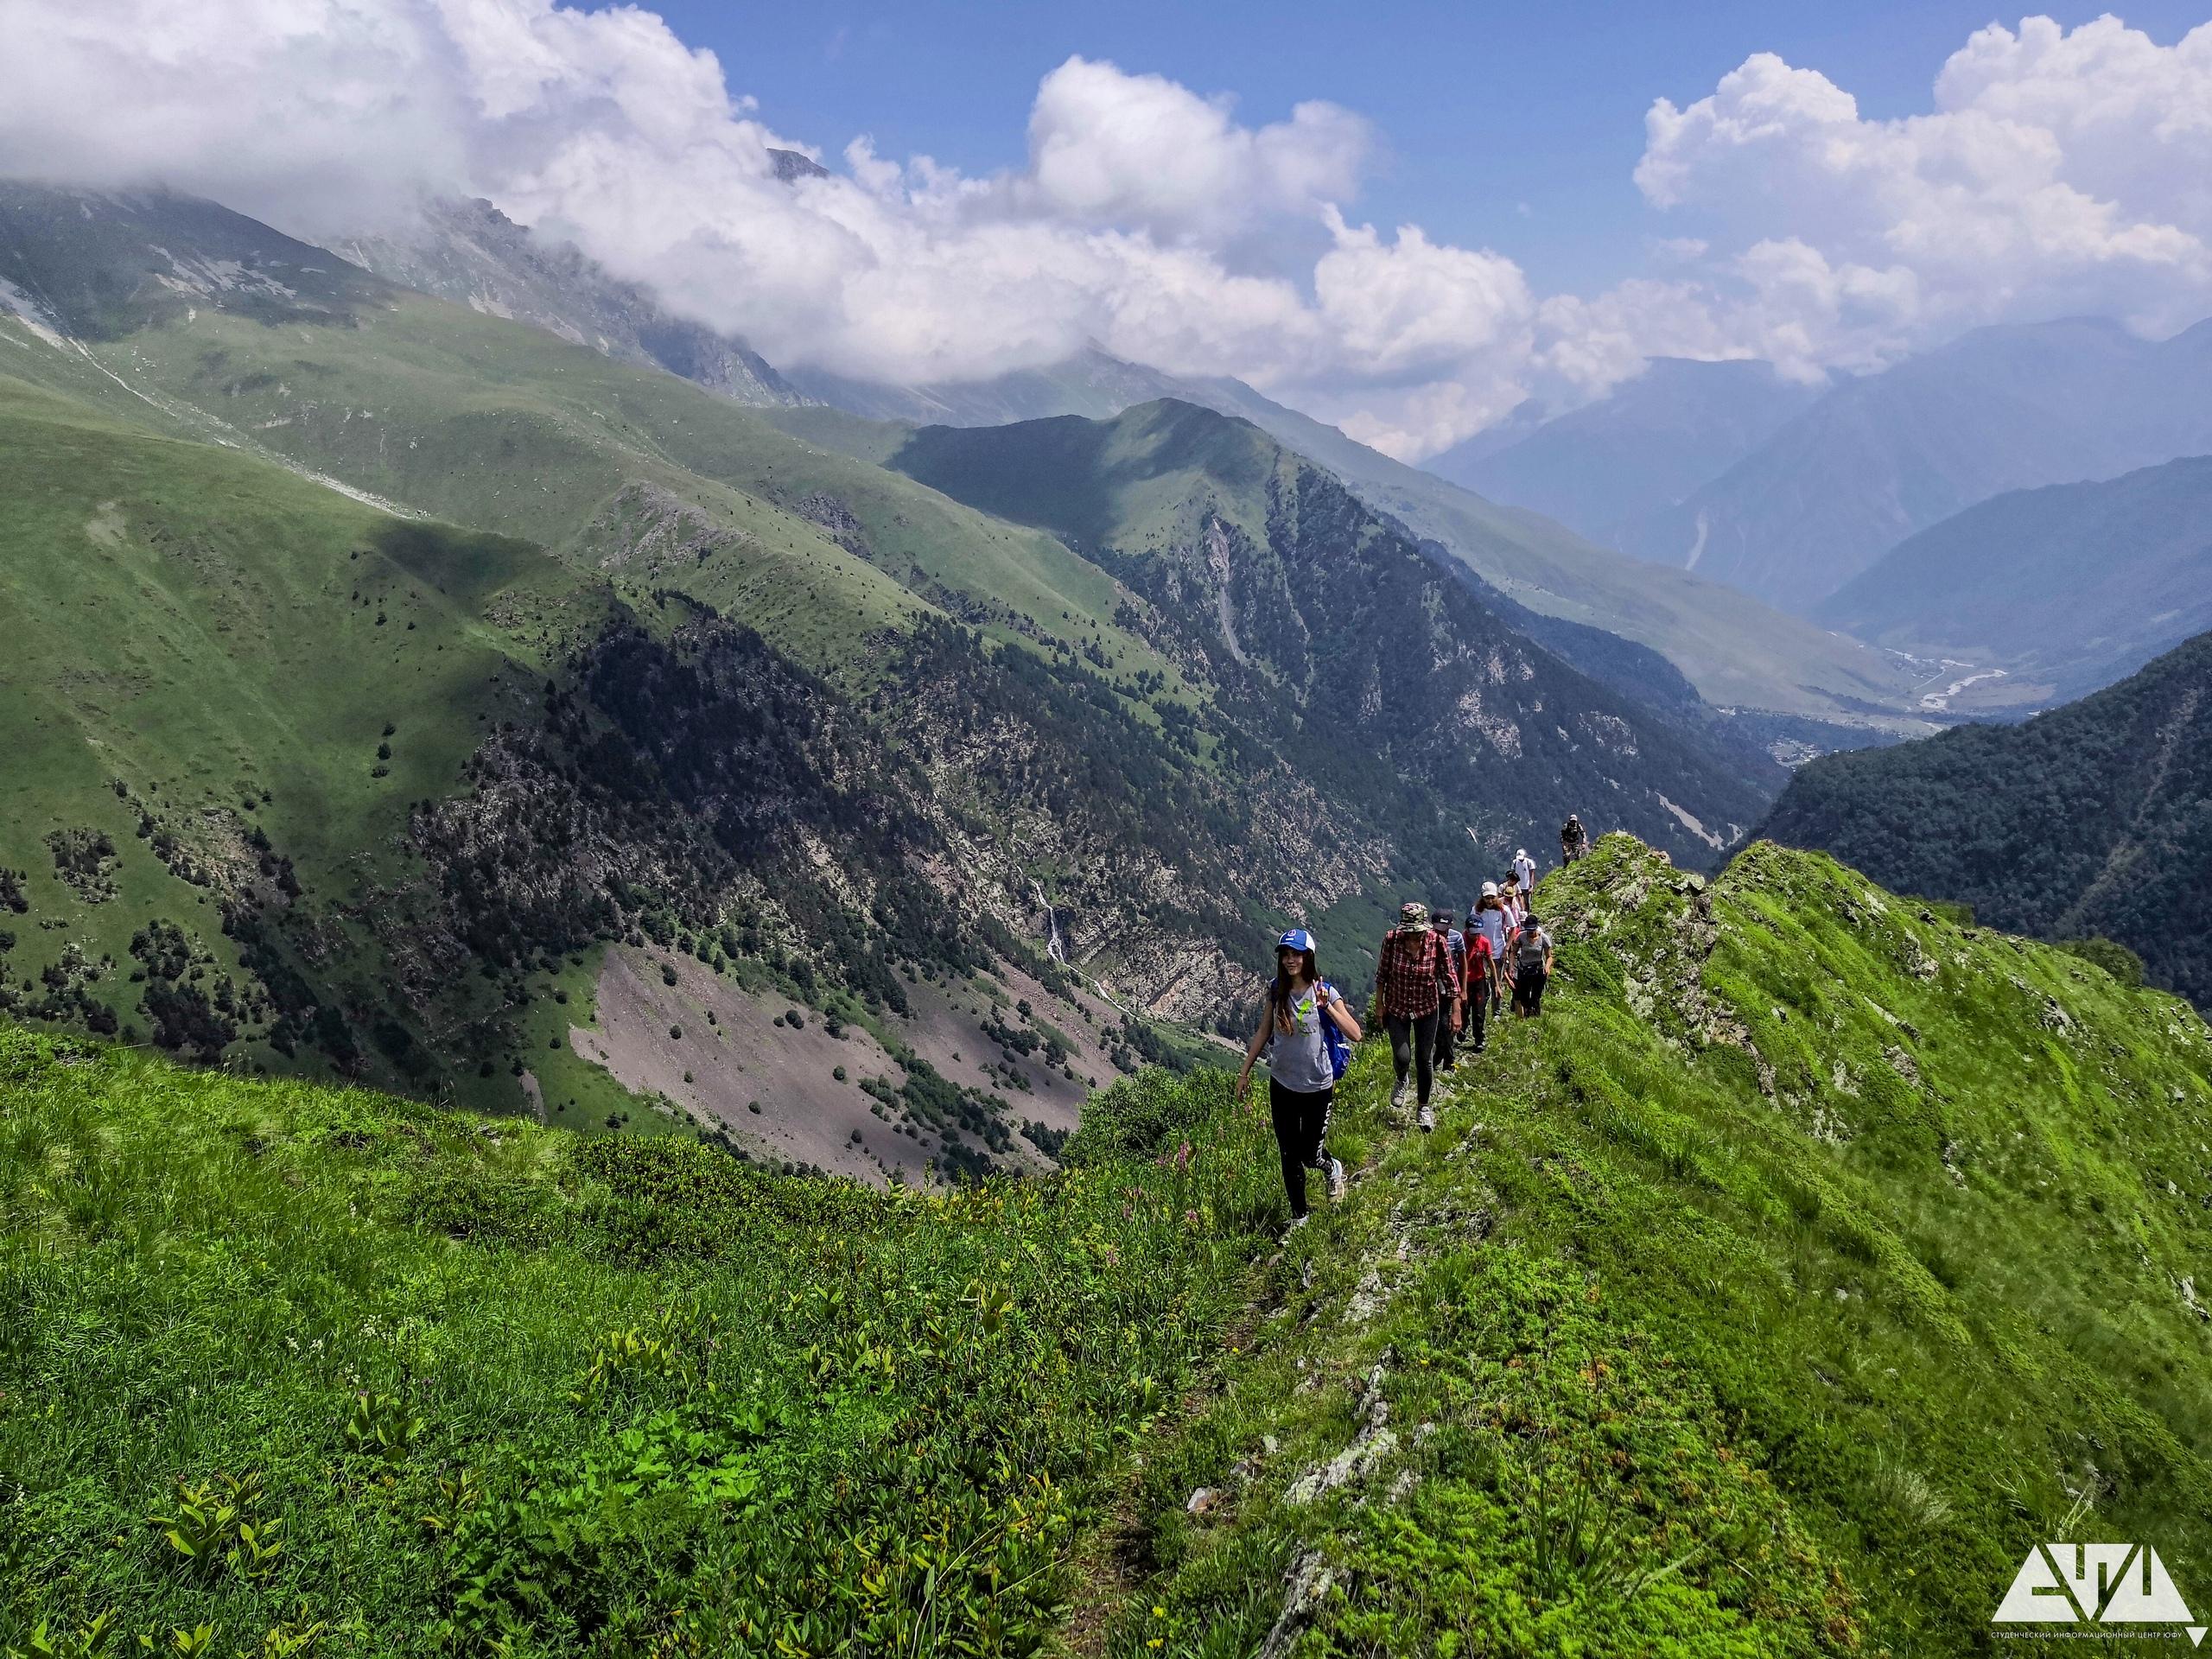 Горы, море или история? Программу развития туризма готовят с учётом мнения студентов